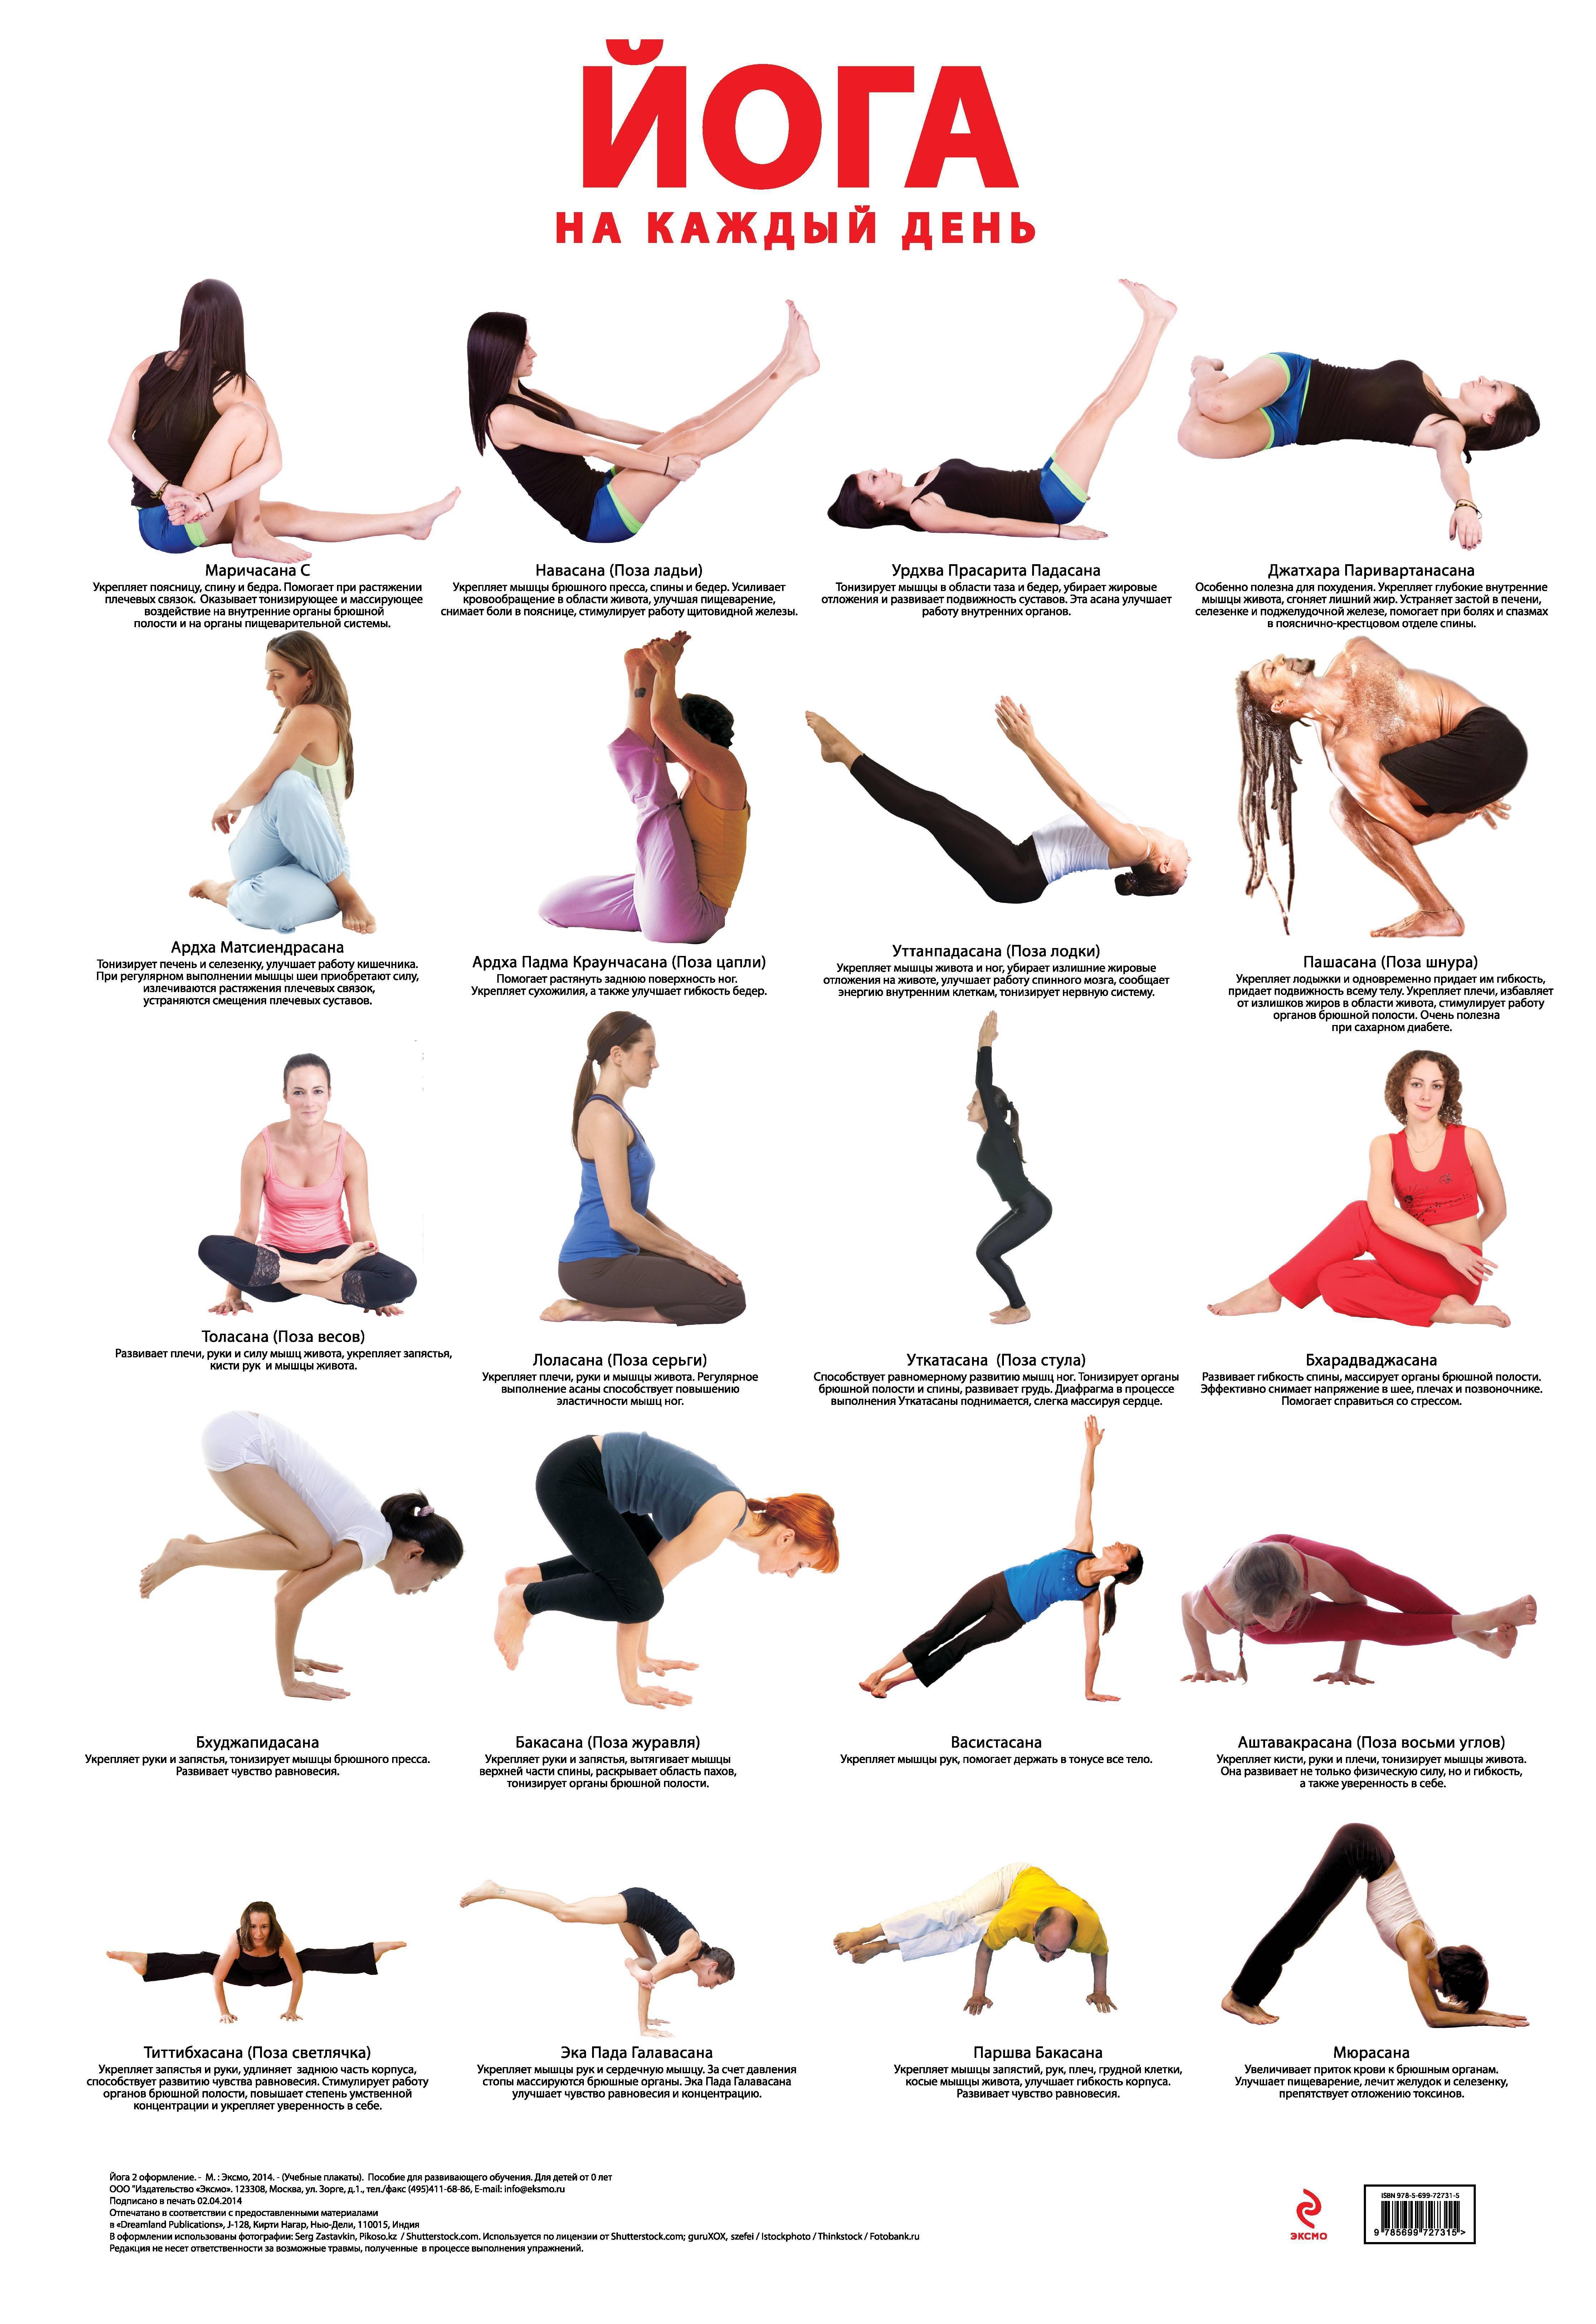 Йога для похудения для начинающих в домашних условиях: упражнения и видео